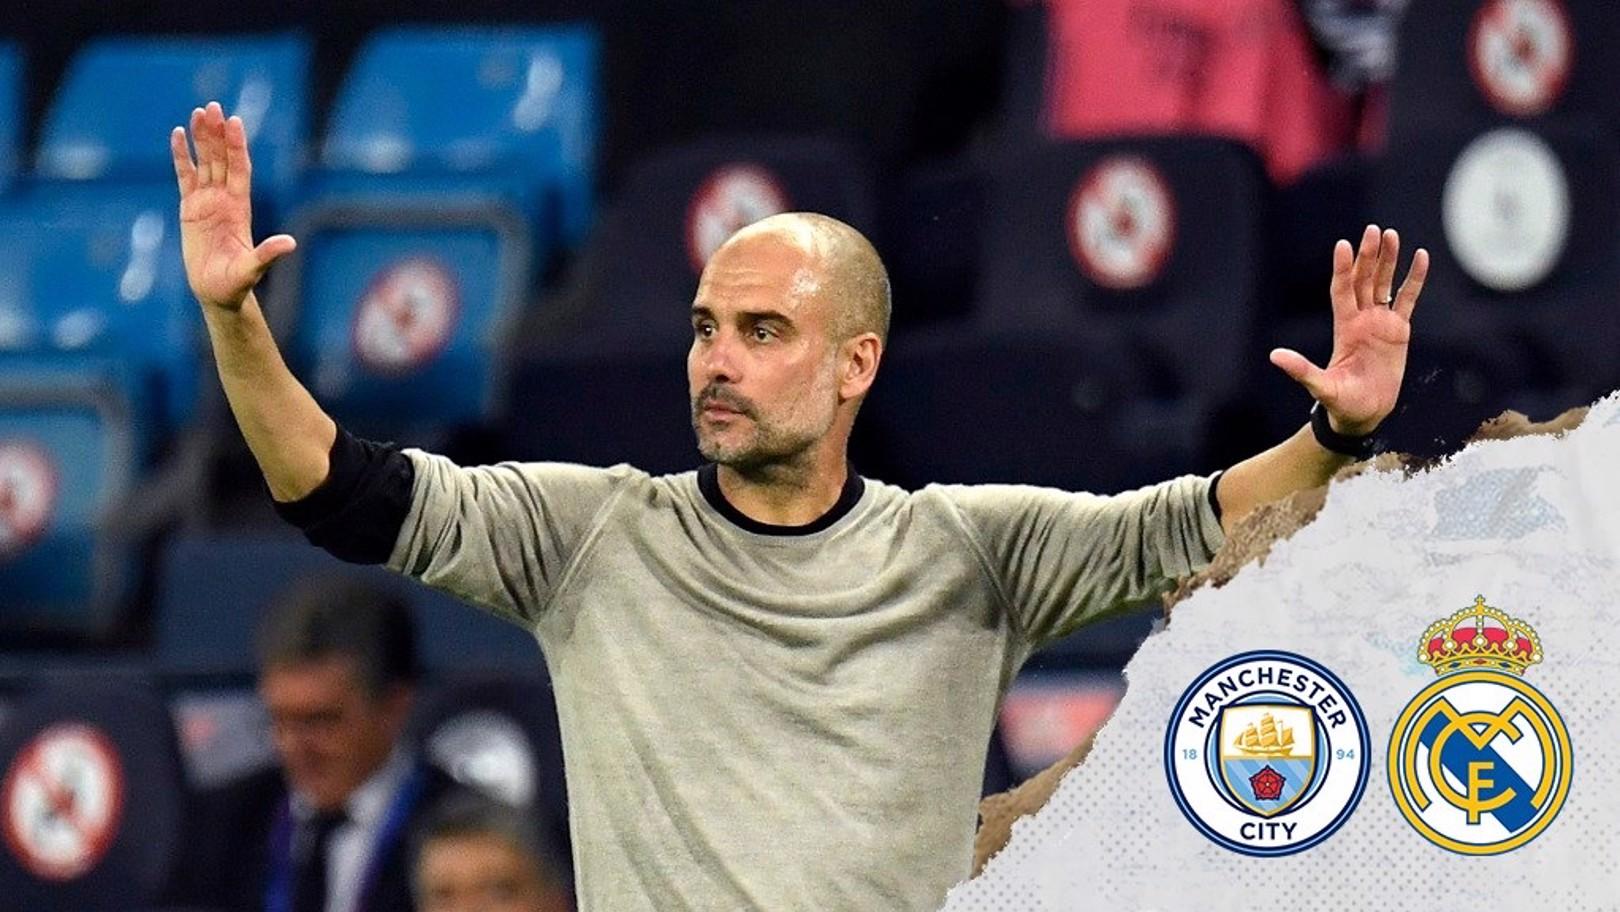 بيب يكشف عن أهمية الفوز على ريال مدريد